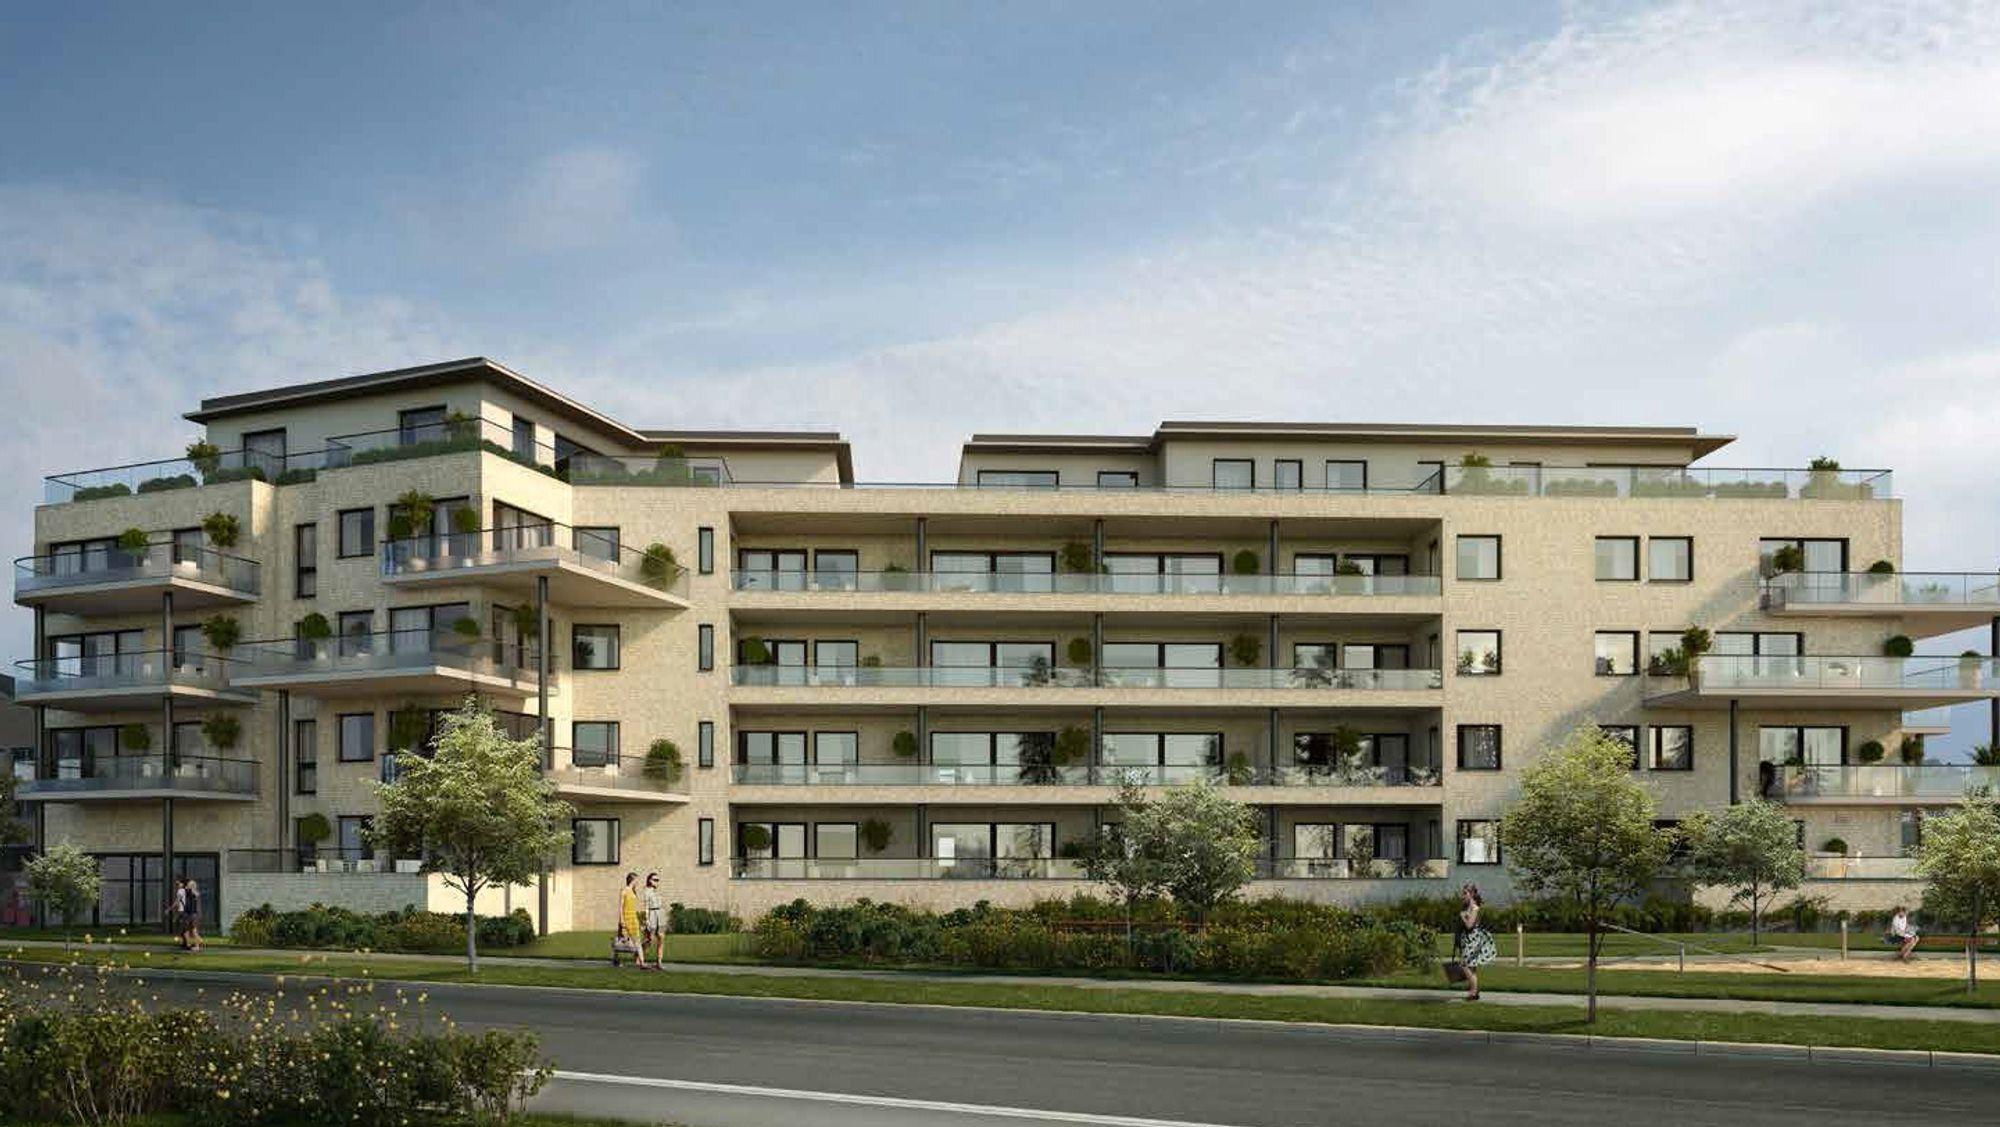 KANTOR TERRASSE: Slik skal de nye leilighetene se ut.